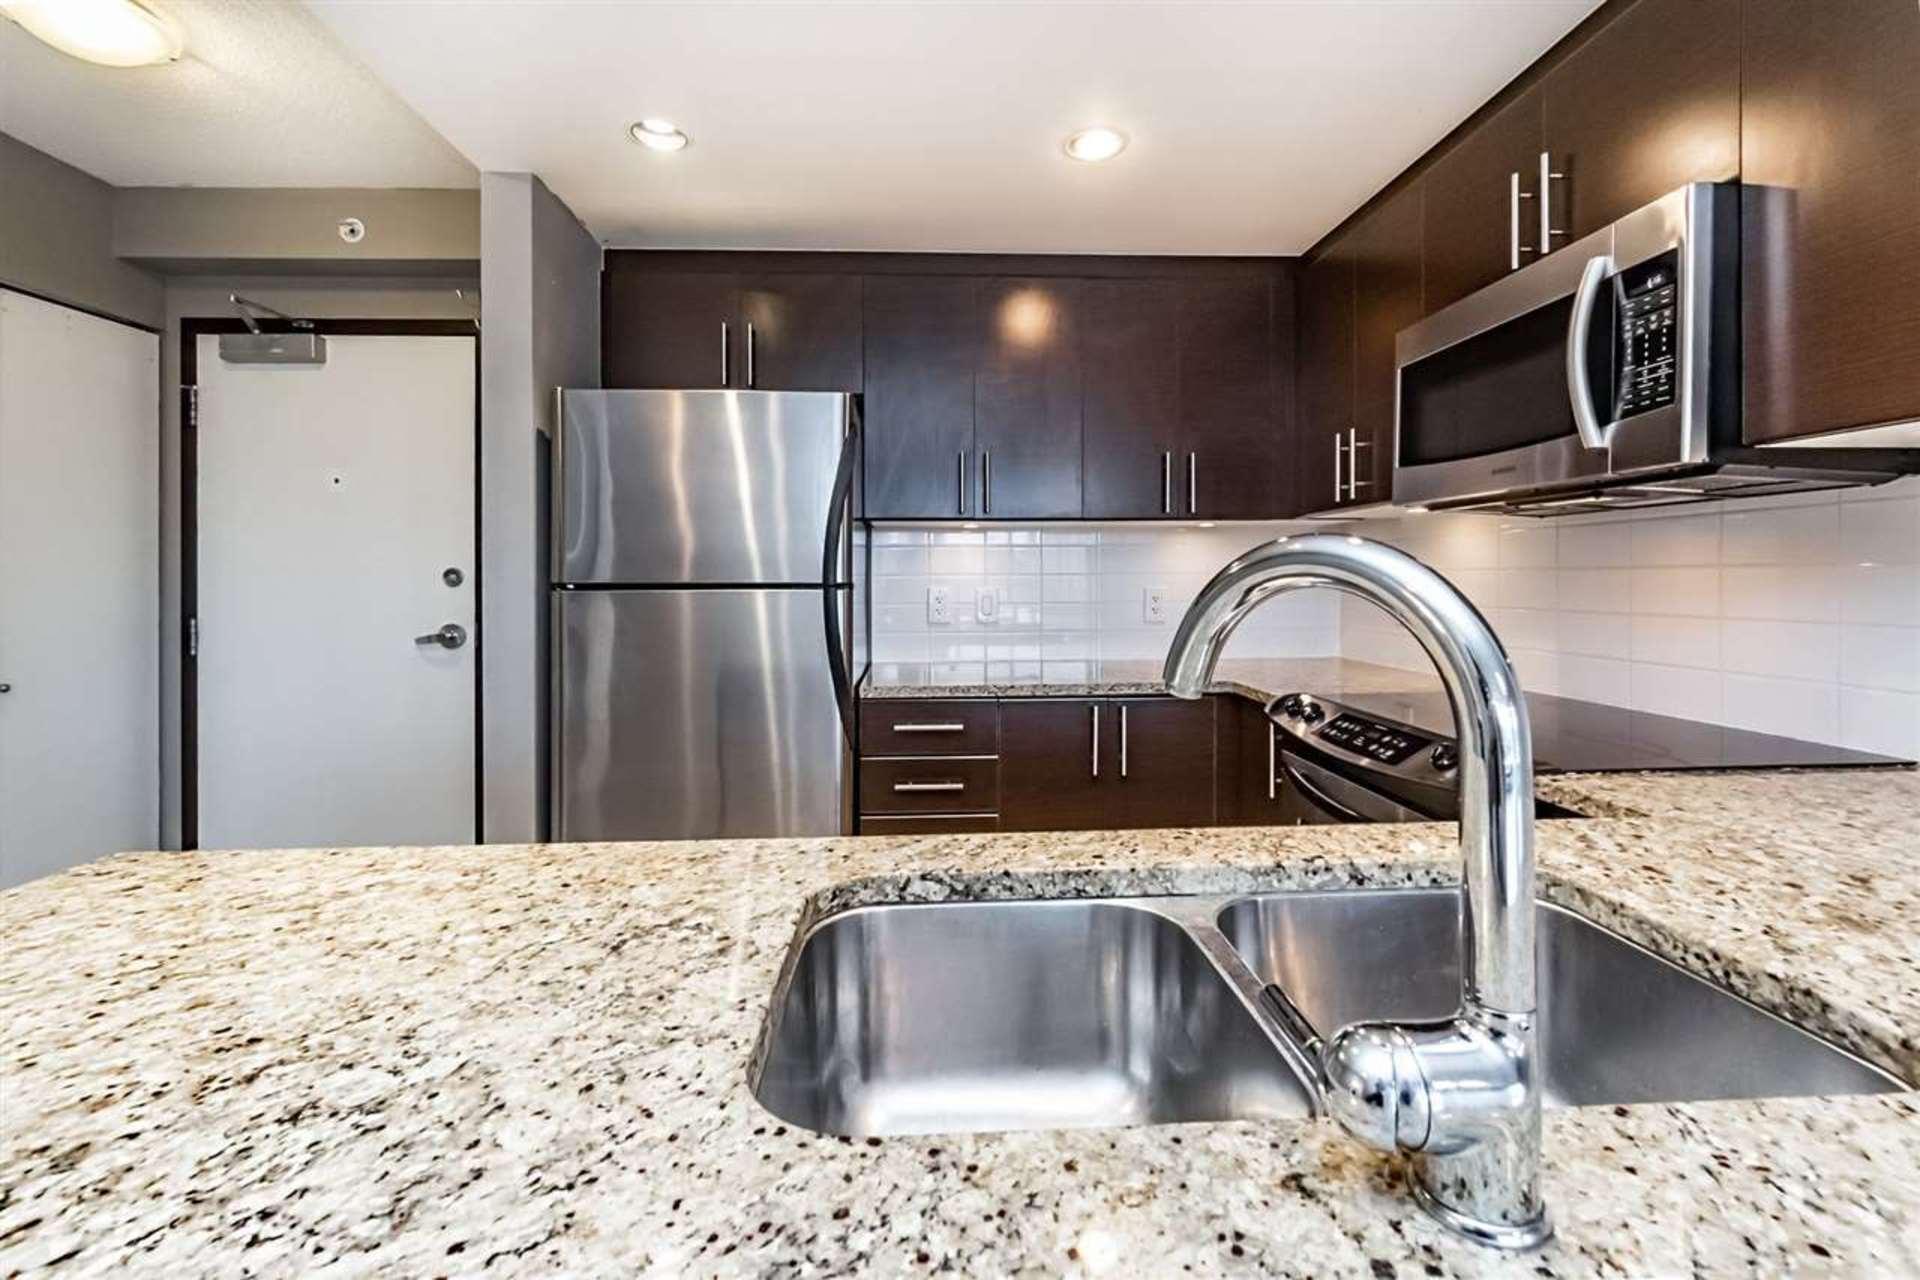 555-delestre-avenue-coquitlam-west-coquitlam-10 at 1005 - 555 Delestre Avenue, Coquitlam West, Coquitlam